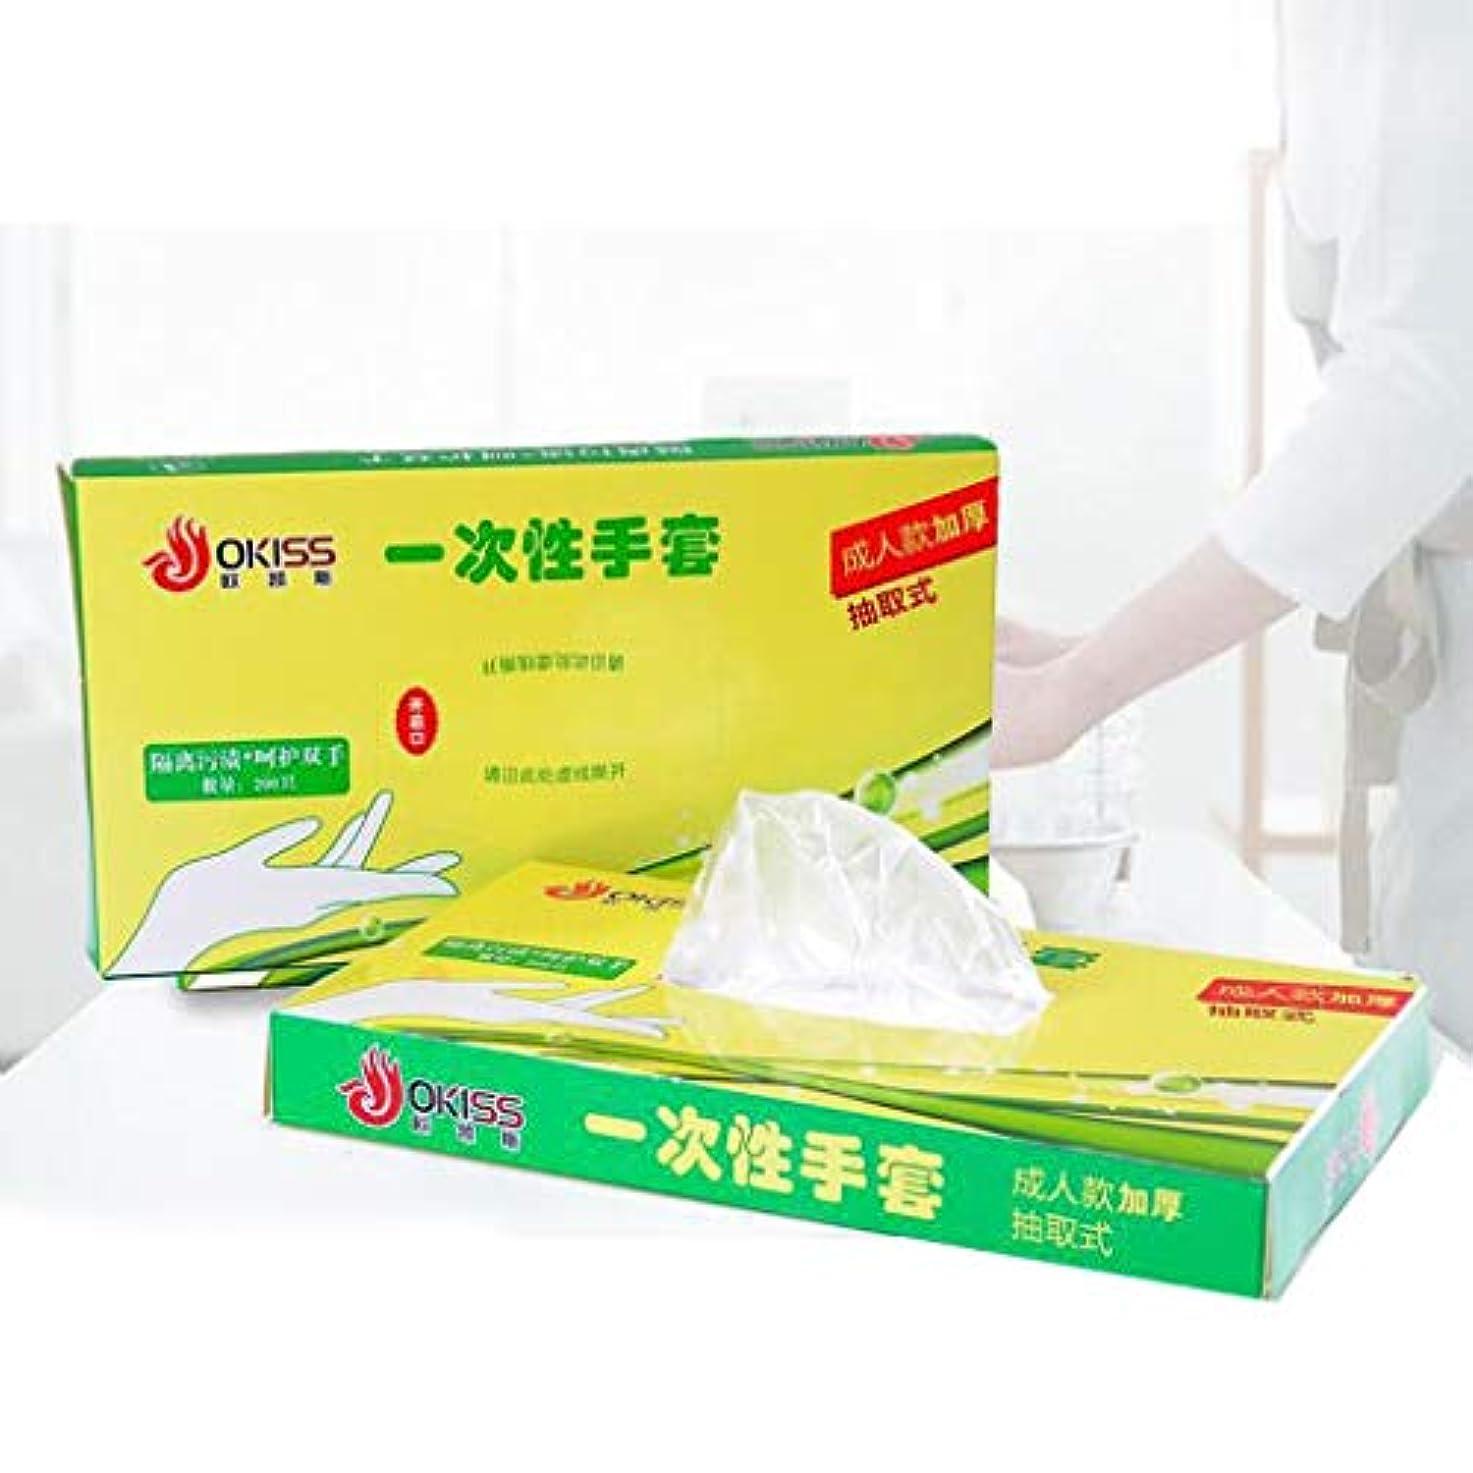 二漏れ初期の使い捨て手袋、食品グレード、PEクリーンプラスチック手袋-使い捨て、パウダーフリー、チェック、透明、使い捨て手袋食品(200箱) (Color : Clear, Size : One size)